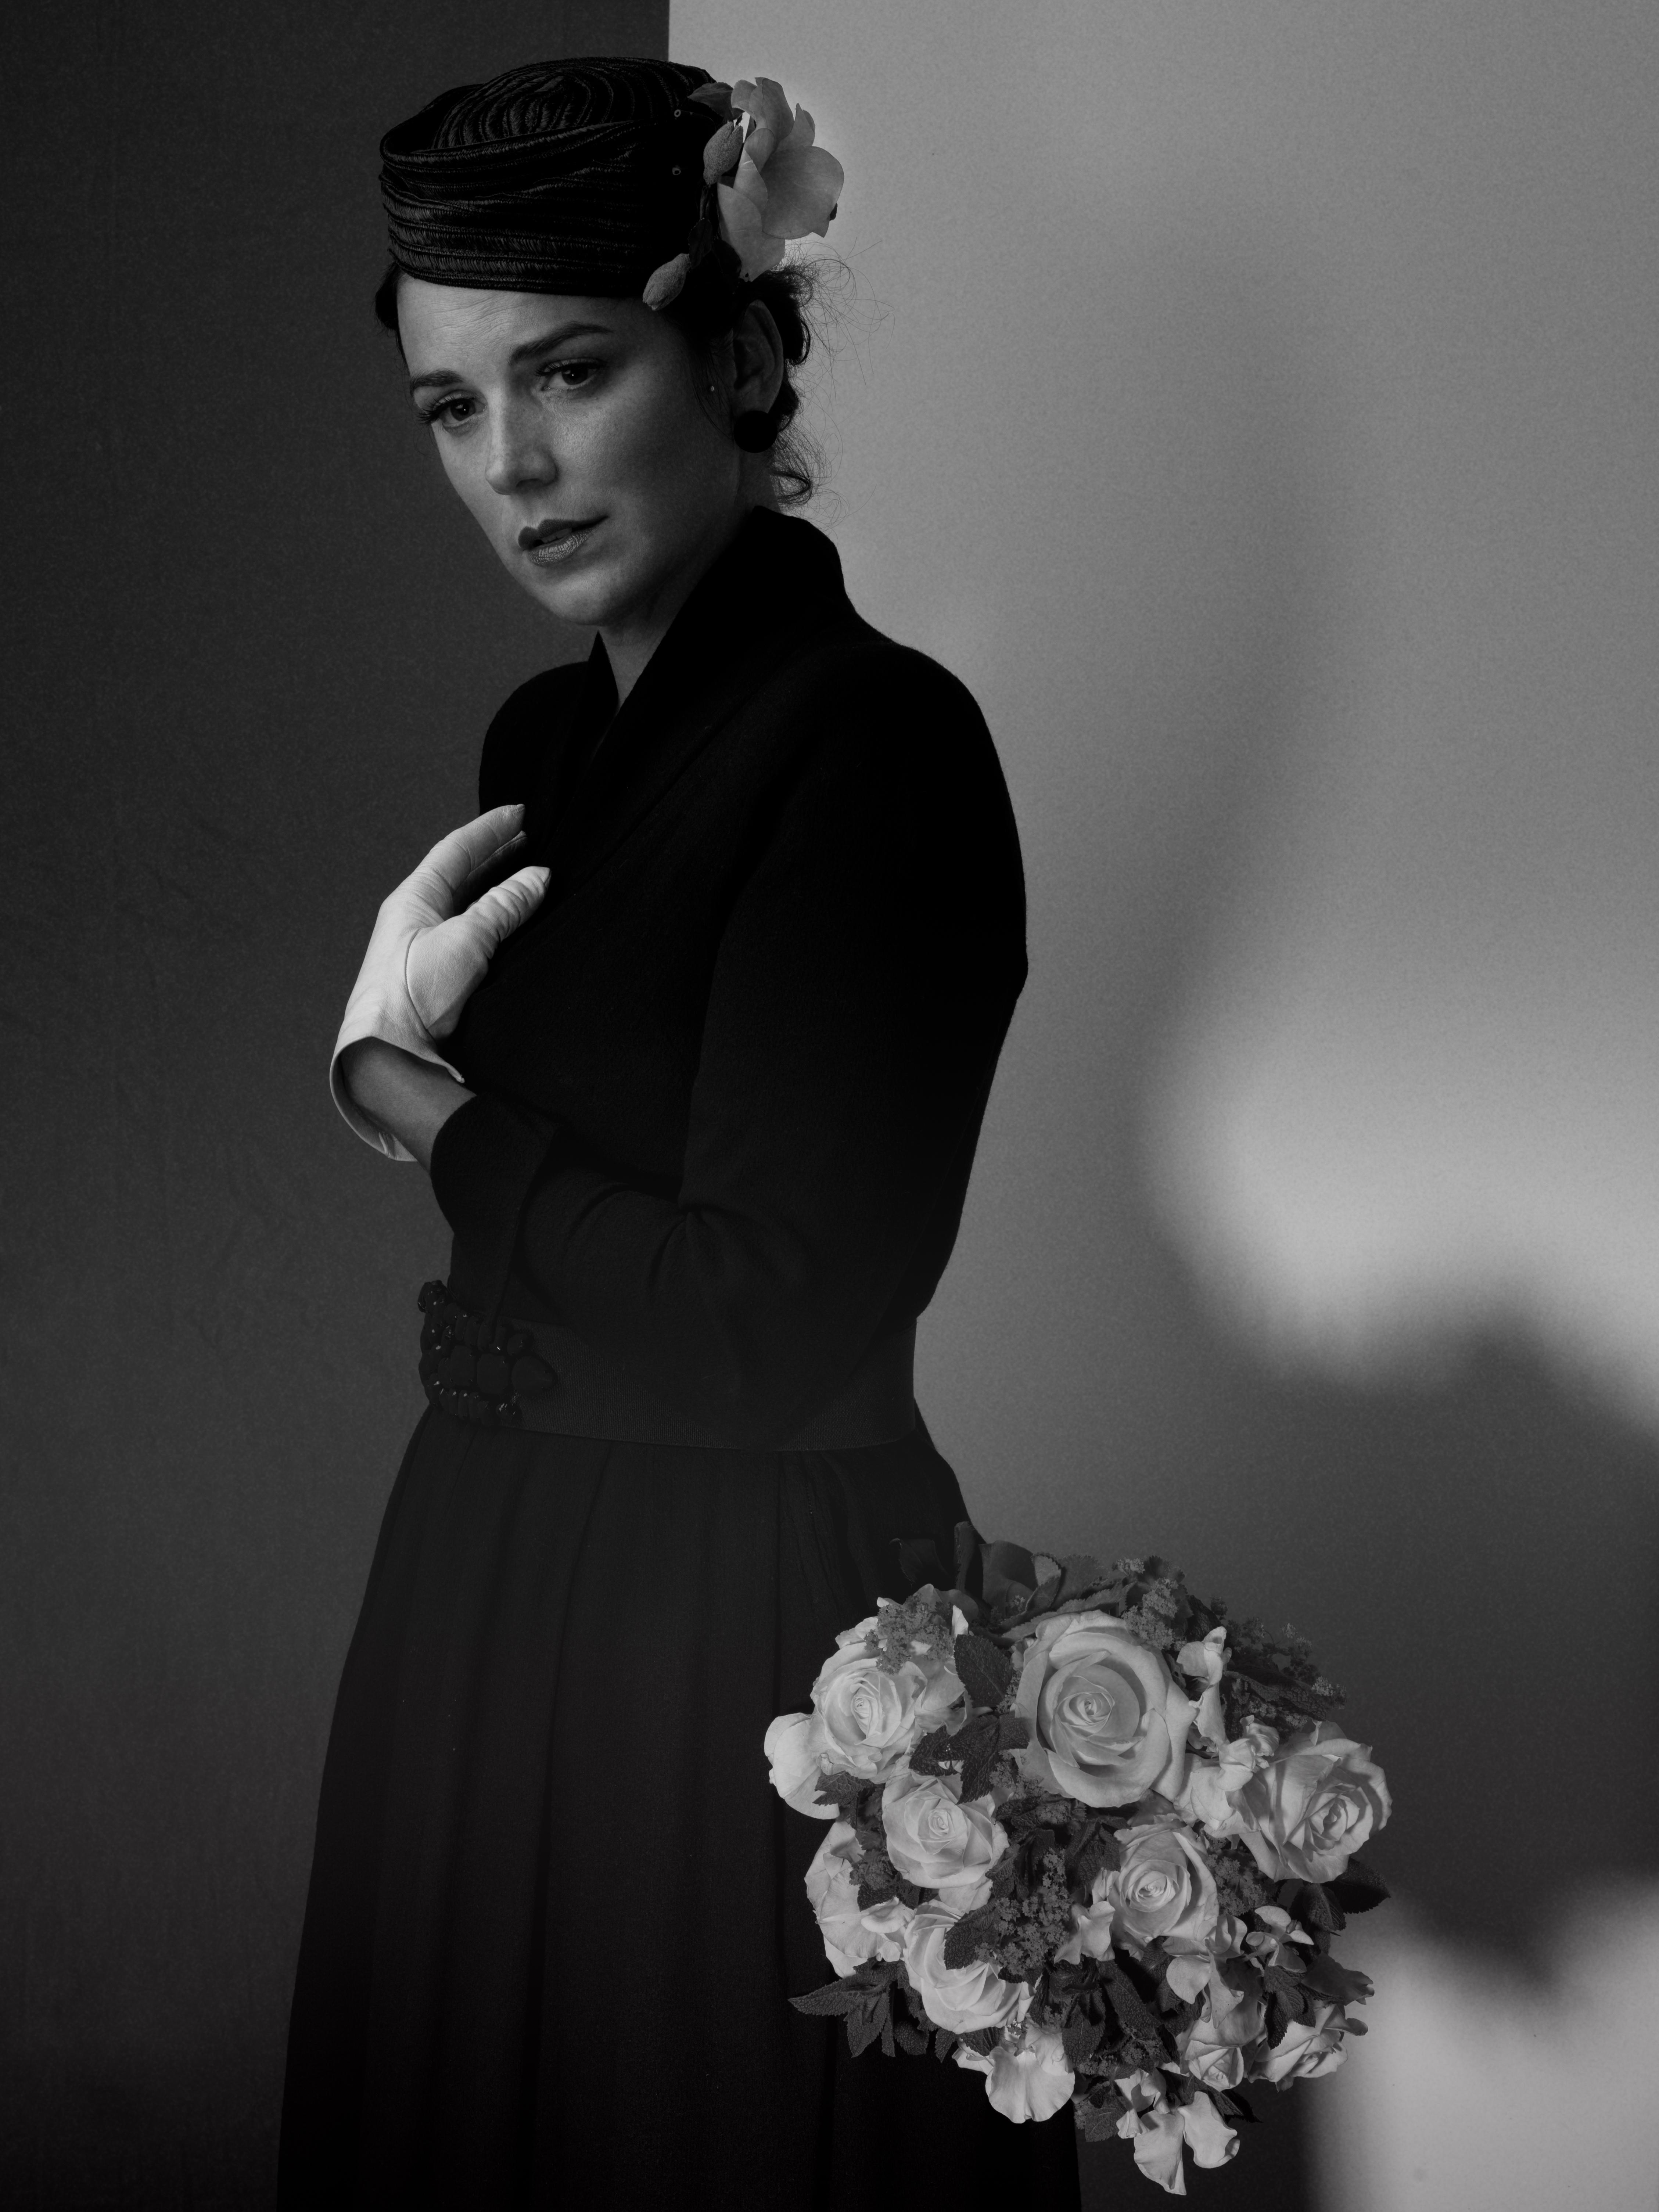 Angie Bouffant